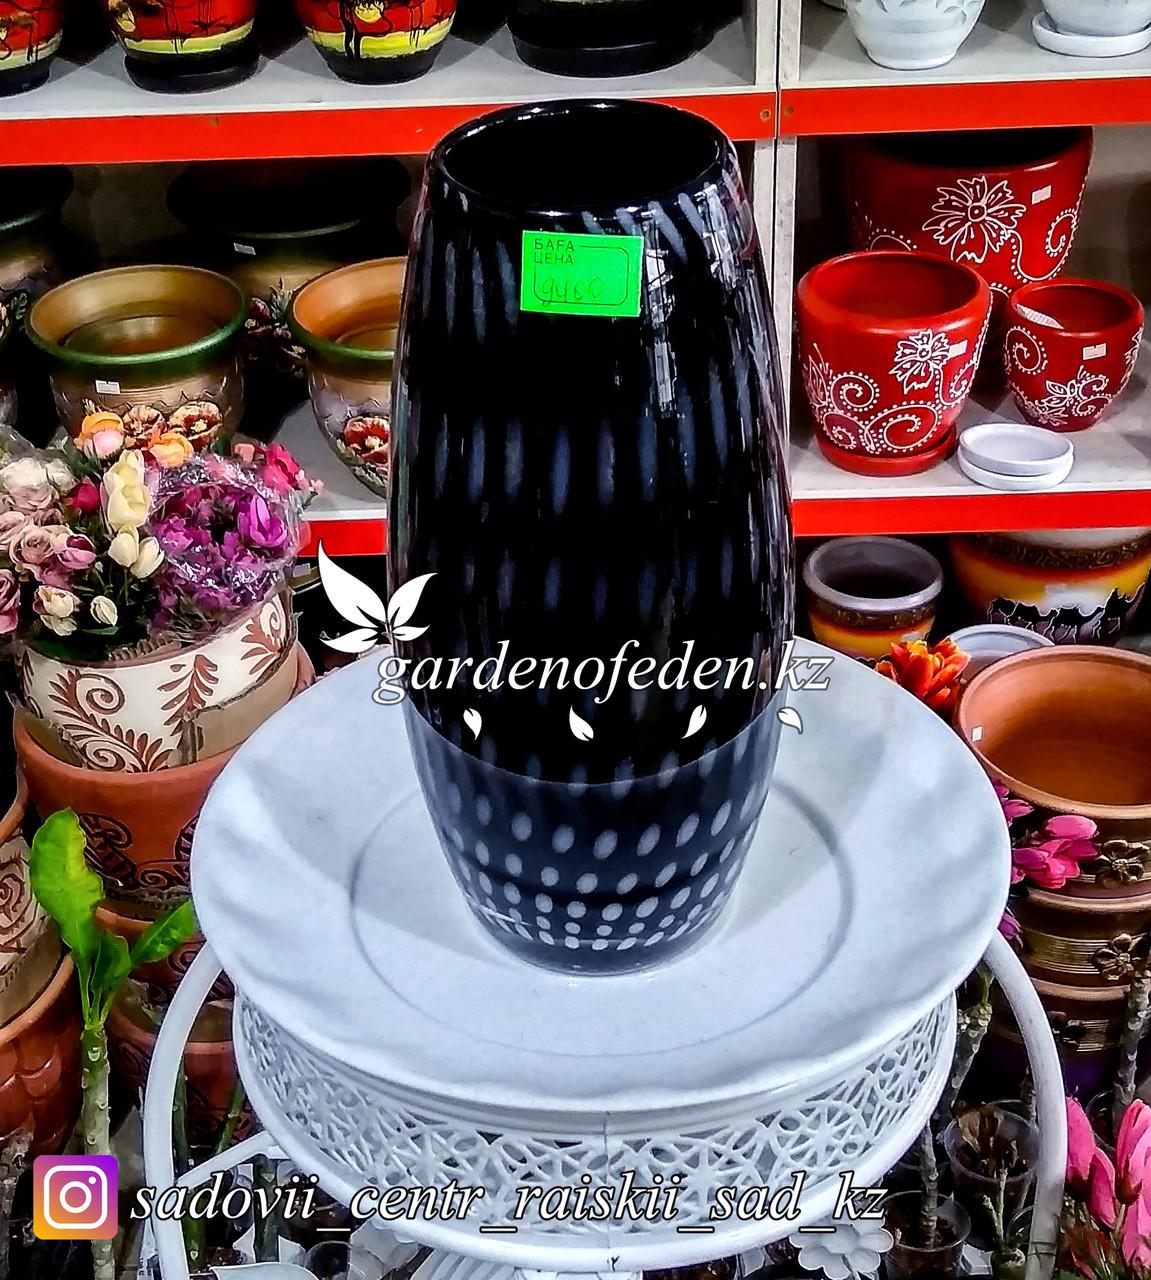 Стеклянная, декоративная ваза. Высота 30см. Цвет: Черный. Узор пятнышки и полоски.